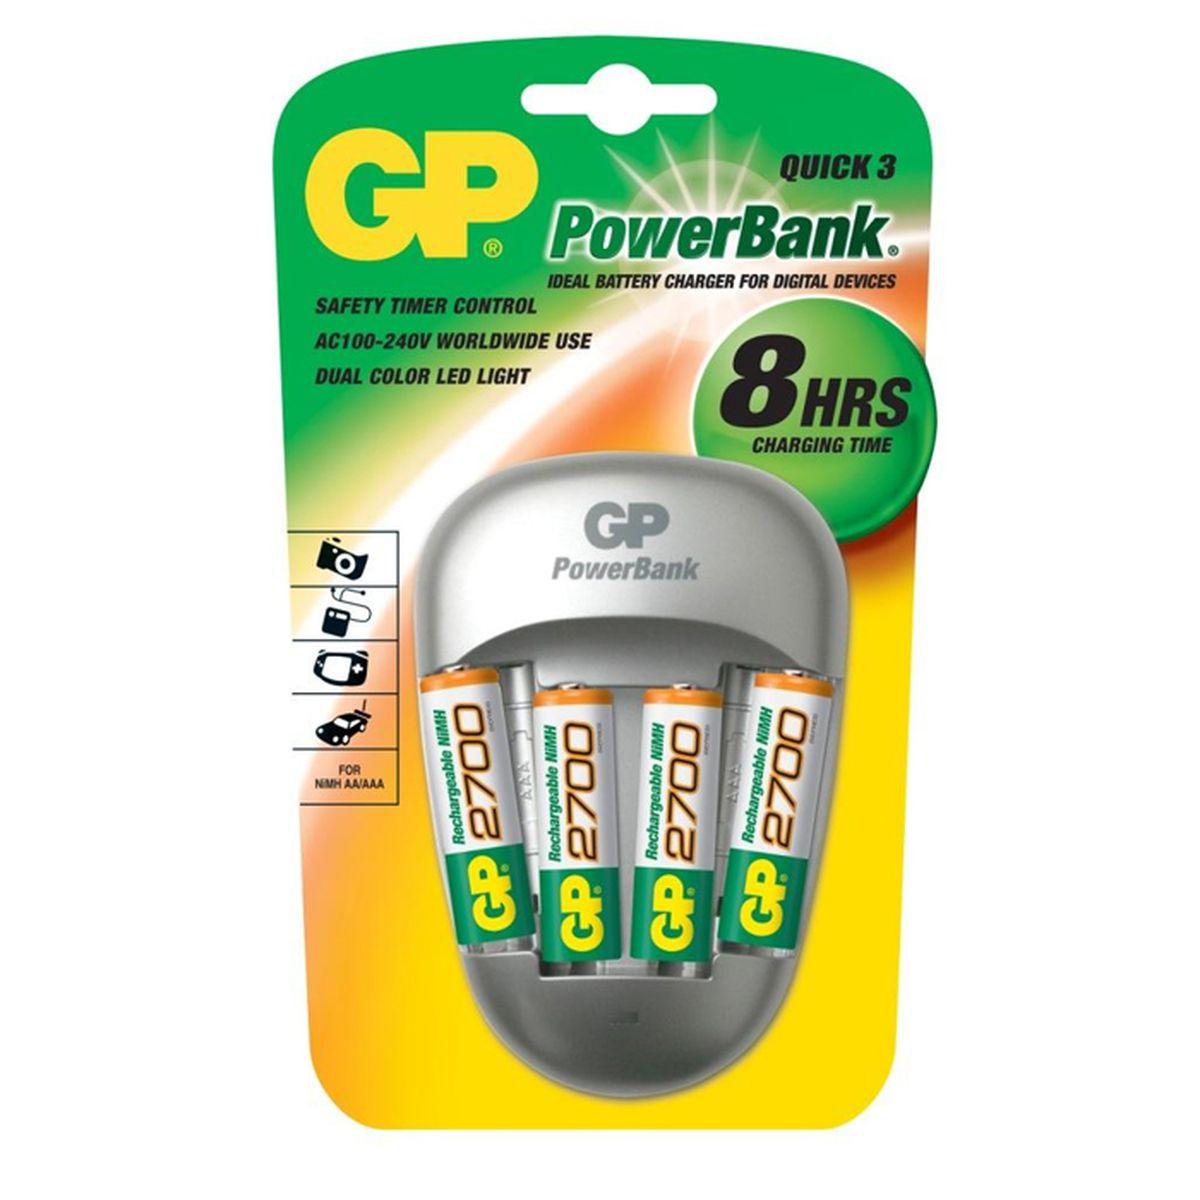 Зарядное устройство GP Batteries для заряда 4-х аккумуляторов типа АА, ААА + комплект из 4-х аккумуляторов NiMh, 2700 mAh, тип АА3490Зарядные устройства GP PowerBank серии MID-range предоставляют частым пользователям аккумуляторов идеальные решения для заряда. ЕслиВам нужно зарядить от 2-х до 8-ми аккумуляторов в течение от 2-х до 8-ми часов, то зарядные устройства этой серии отлично подойдут. В комплекте с некоторыми зарядными устройствами идут универсальные переходники для использования по всему миру во время путешествий. * Безопасный заряд в течение ночи * IИндивидуальный индикатор статуса заряда для каждого аккумулятора * Контроль исправности аккумуляторов и защита от заряда первичных элементов питания * Удобство для путешественников: используются по всему миру * Непрерывный подзаряд: аккумуляторы всегда полностью заряжены * Достаточно 6 часов для заряда 4-х никель-металлгидридных аккумуляторов типоразмеров АА или ААА * Два канала для заряда позволяют заряжать 2 или 4 никель-металлгидридных аккумулятора типоразмеров АА или ААА